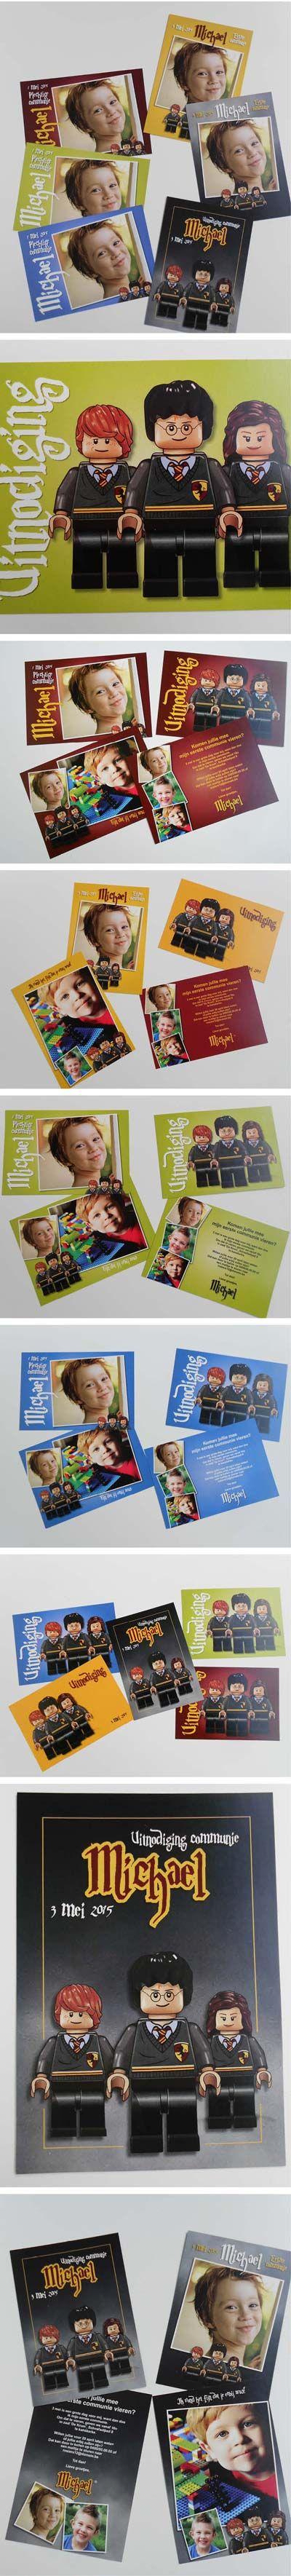 #lego #communiekaarten met harry potter. Bezorg foto's en tekst. Wij maken de communiekaartjes. Proef via e-mail. Na goedkeuring leveren we drukwerk.  http://www.kaartencollectie.be/nl/communiekaart-lego-harry-potter-1050.htm